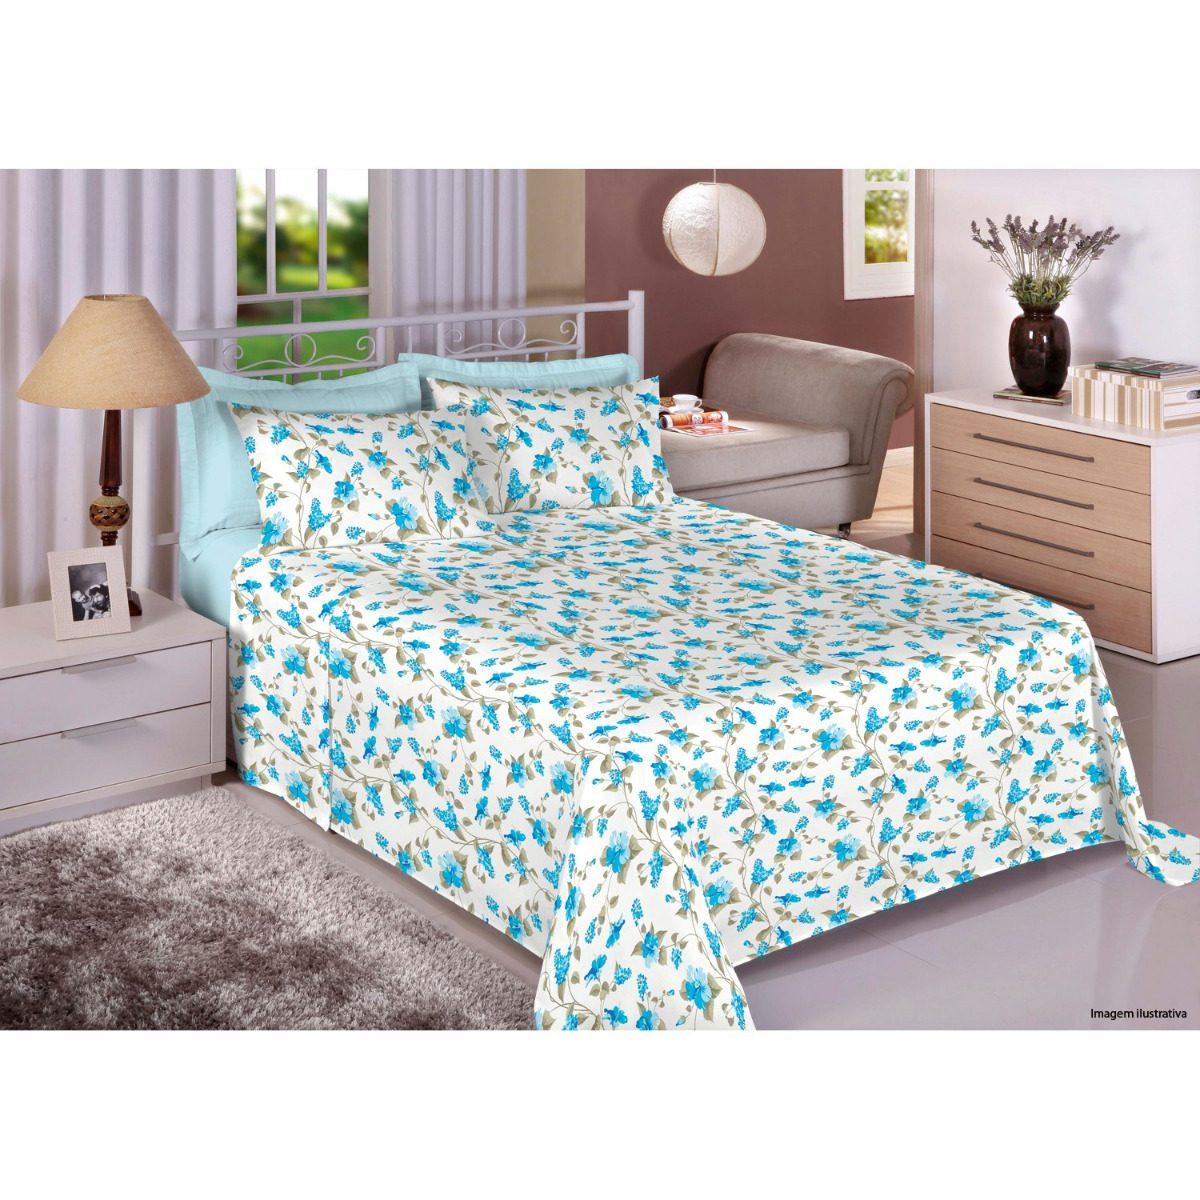 97f6b4211c jogo para cama casal duplo com elástico 4 peças premium plus. Carregando  zoom.